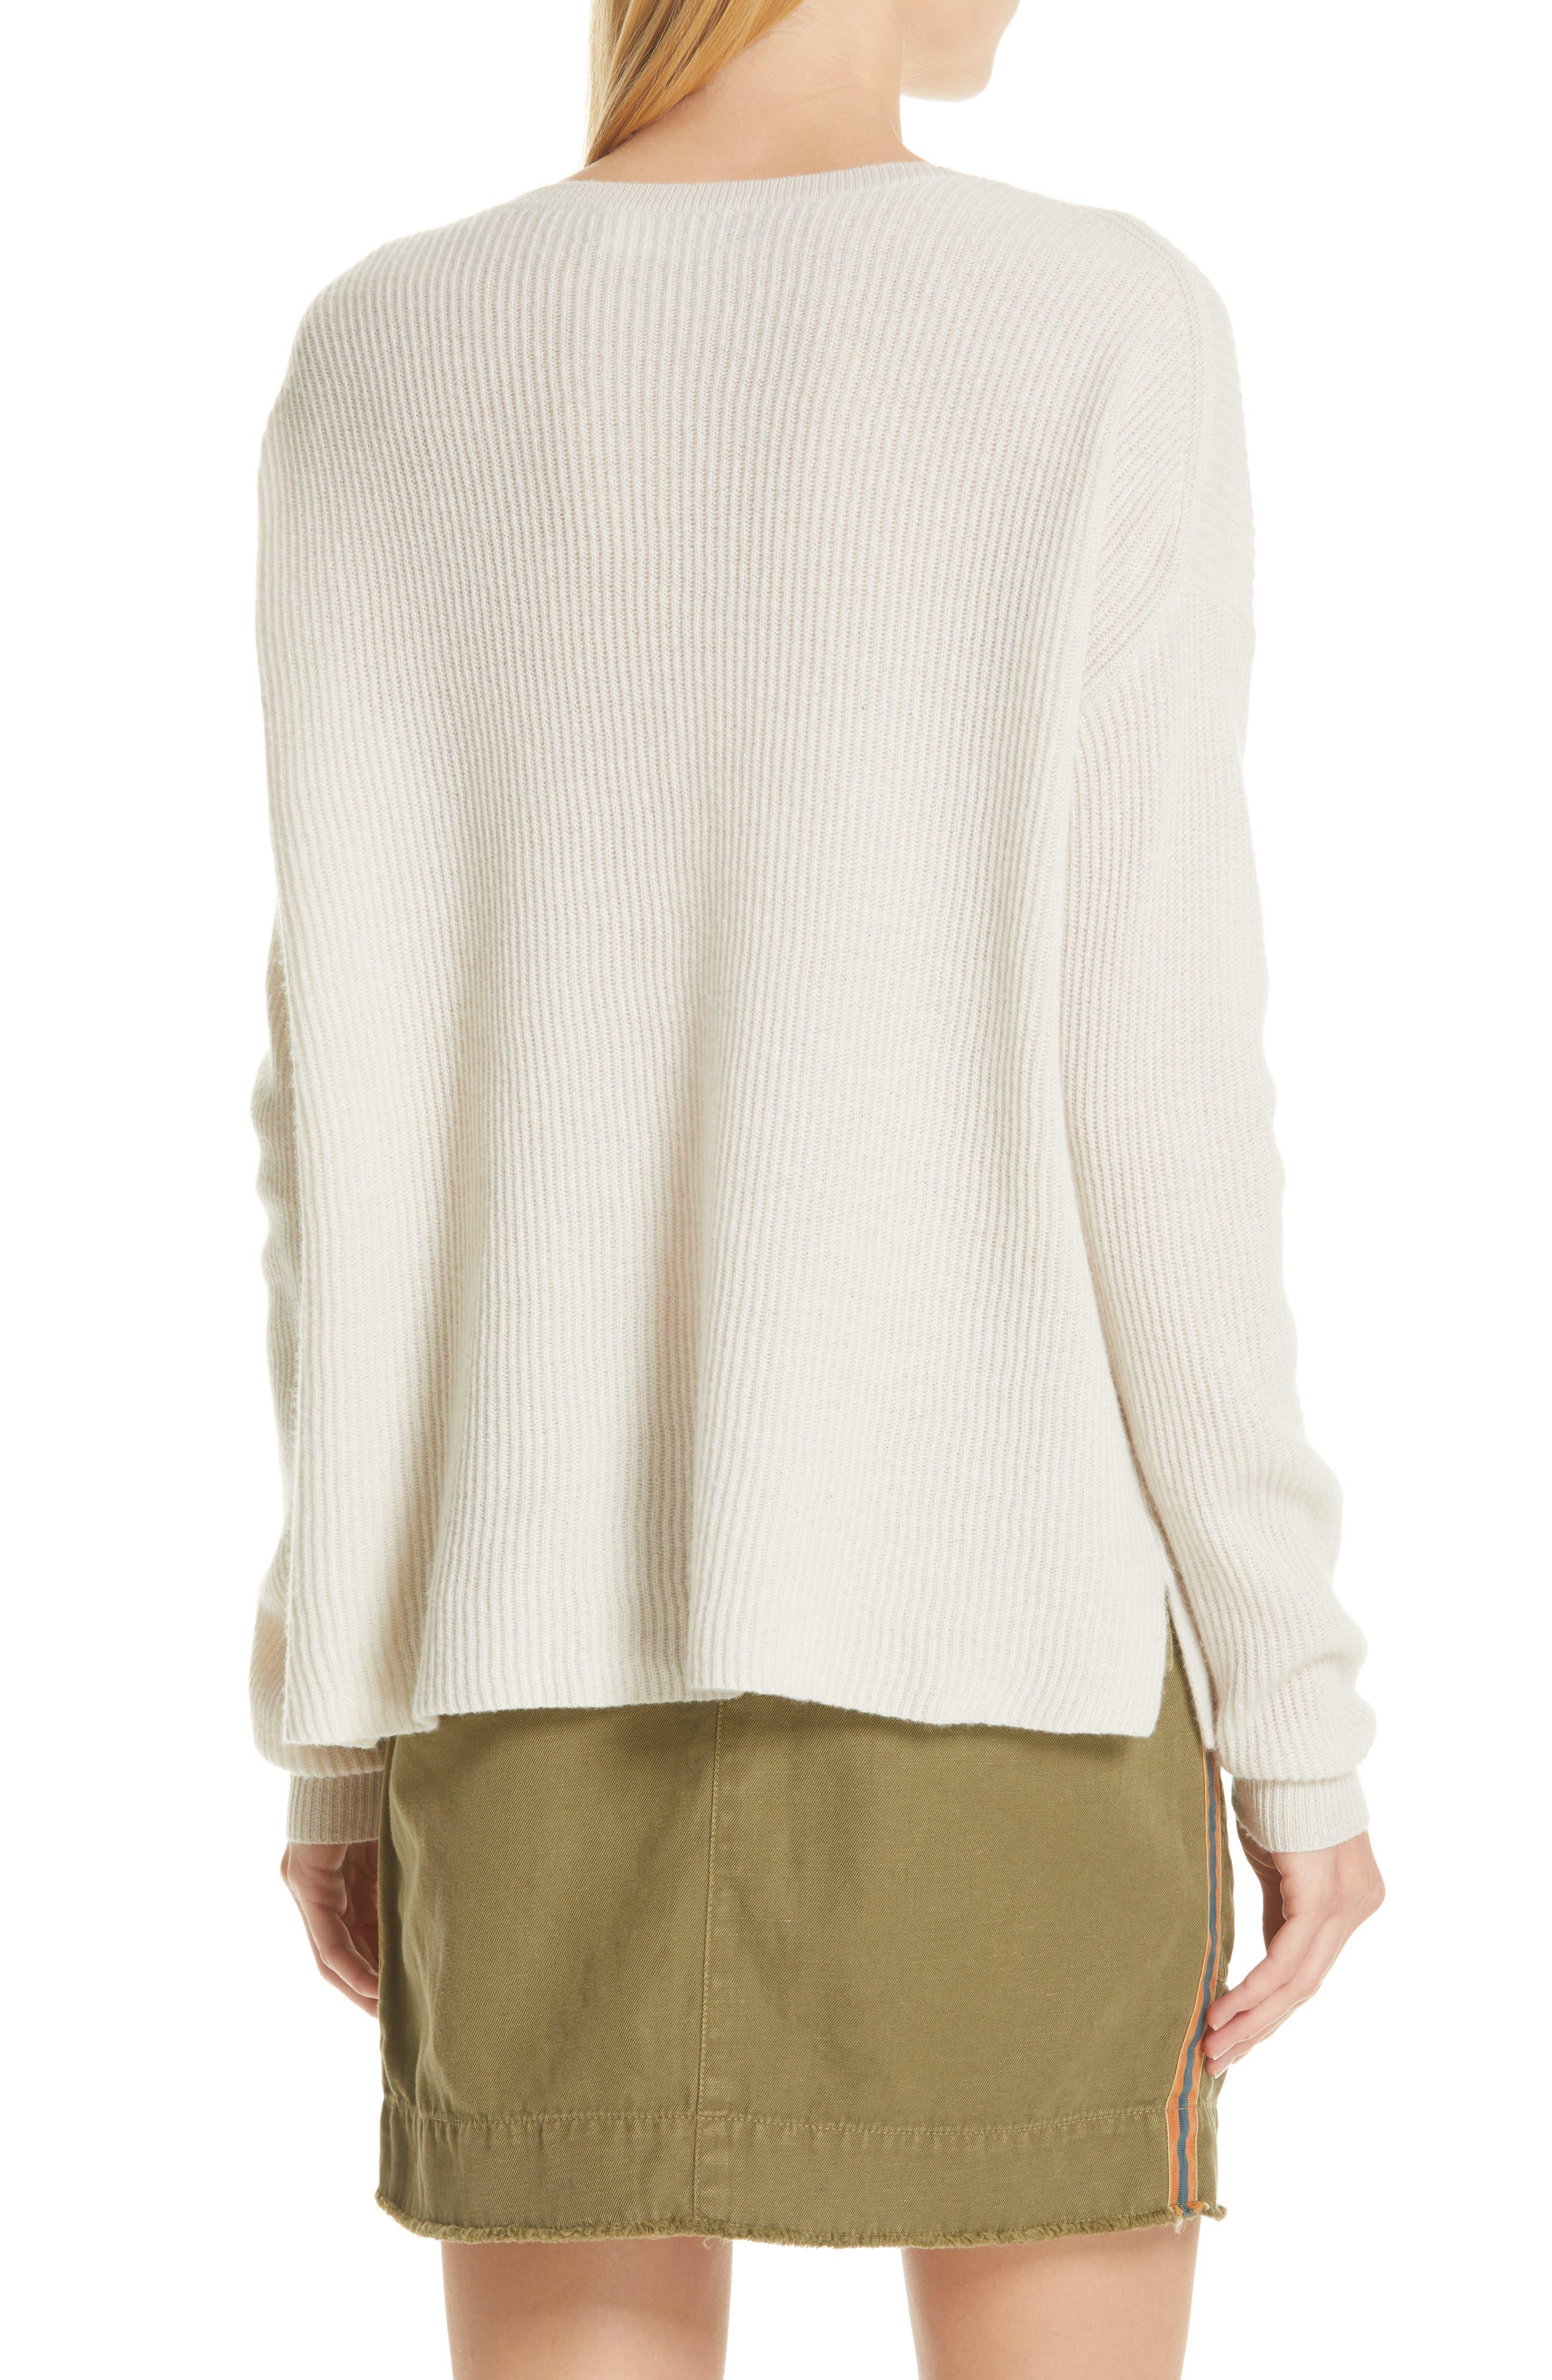 NILI LOTAN, Hadis Cashmere Sweater, Alternate thumbnail 2, color, IVORY